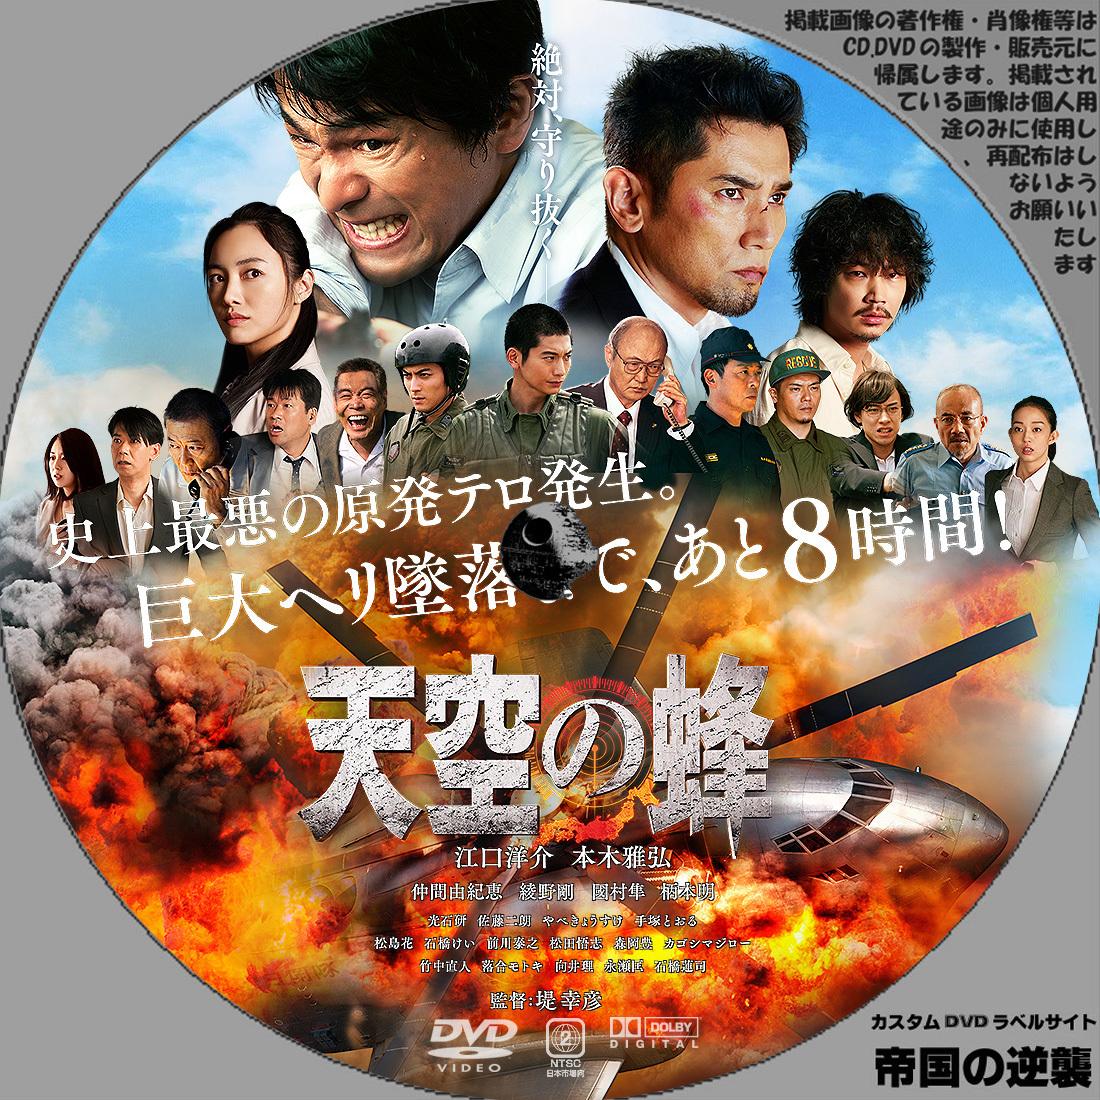 天空の蜂 DVDラベル: 新作映画の...